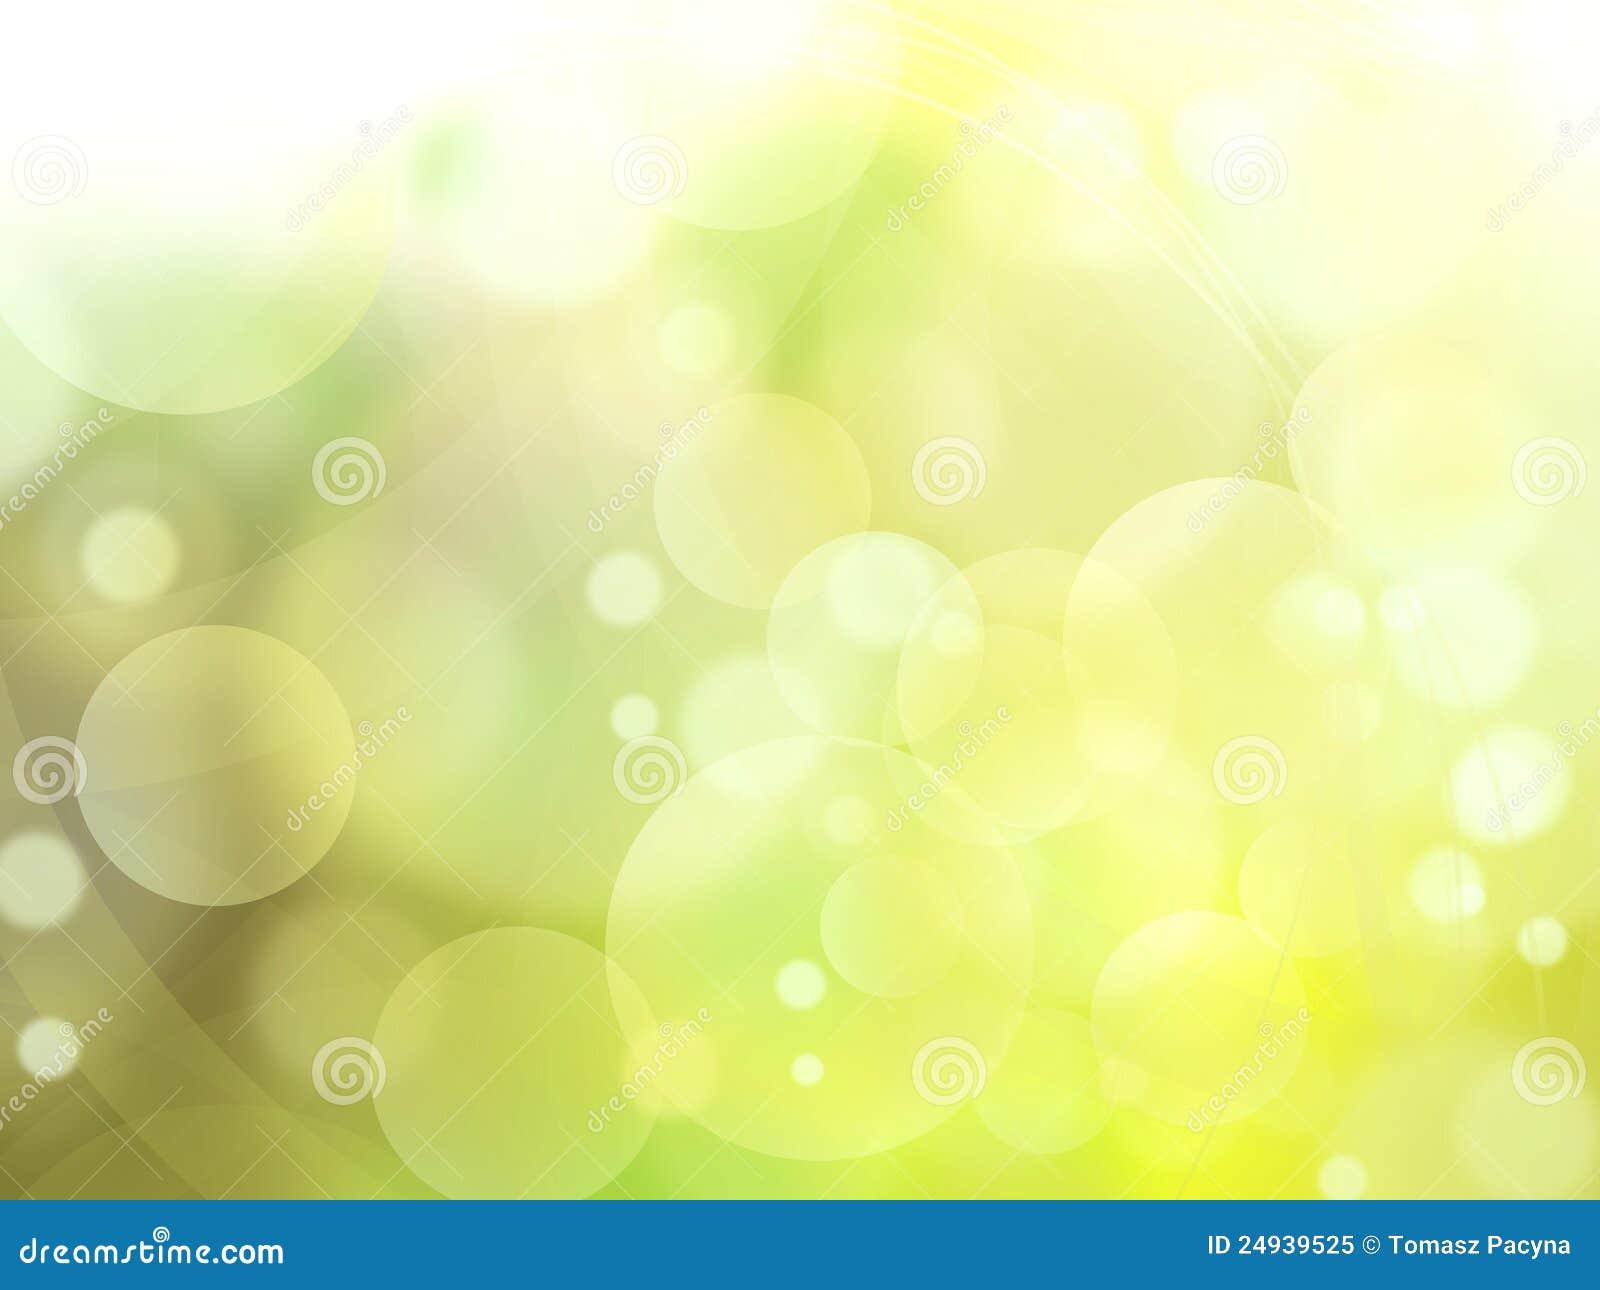 La luz verde burbujea fondo abstracto